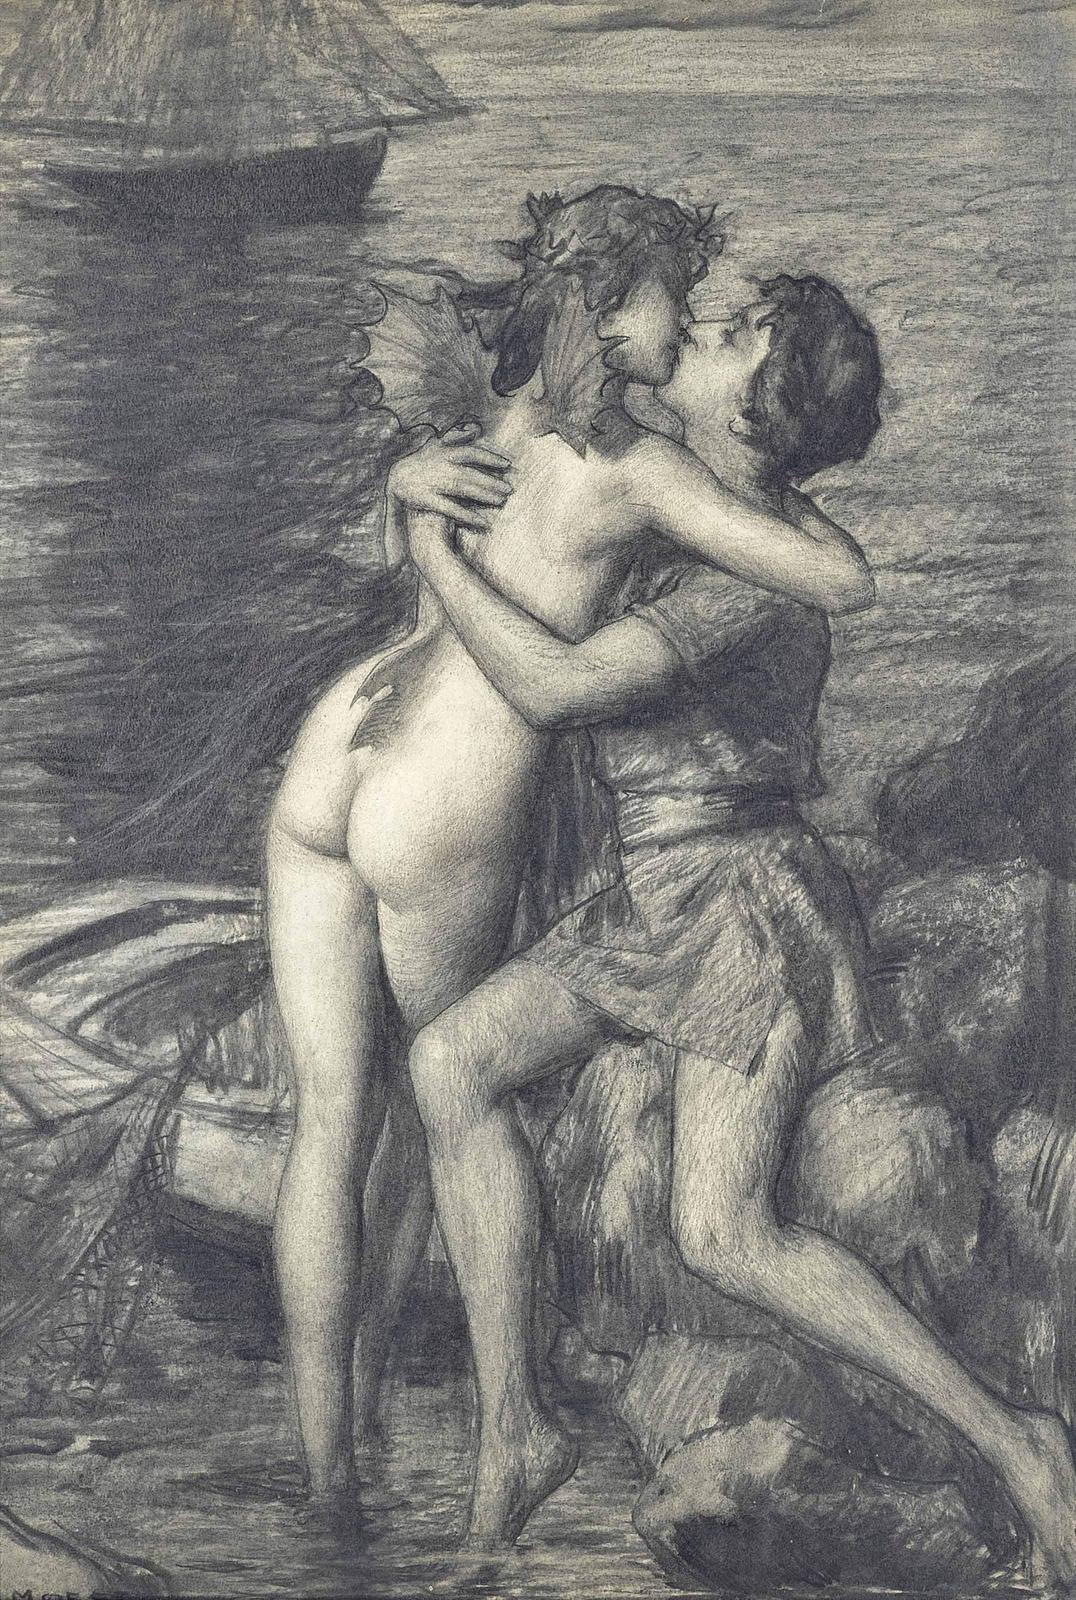 Hermann Moest, 1868-1945_Сон рыбака (The dream of the fisherman)_55.5 x 37.5_бумага, уголь_Частная коллекция.jpg